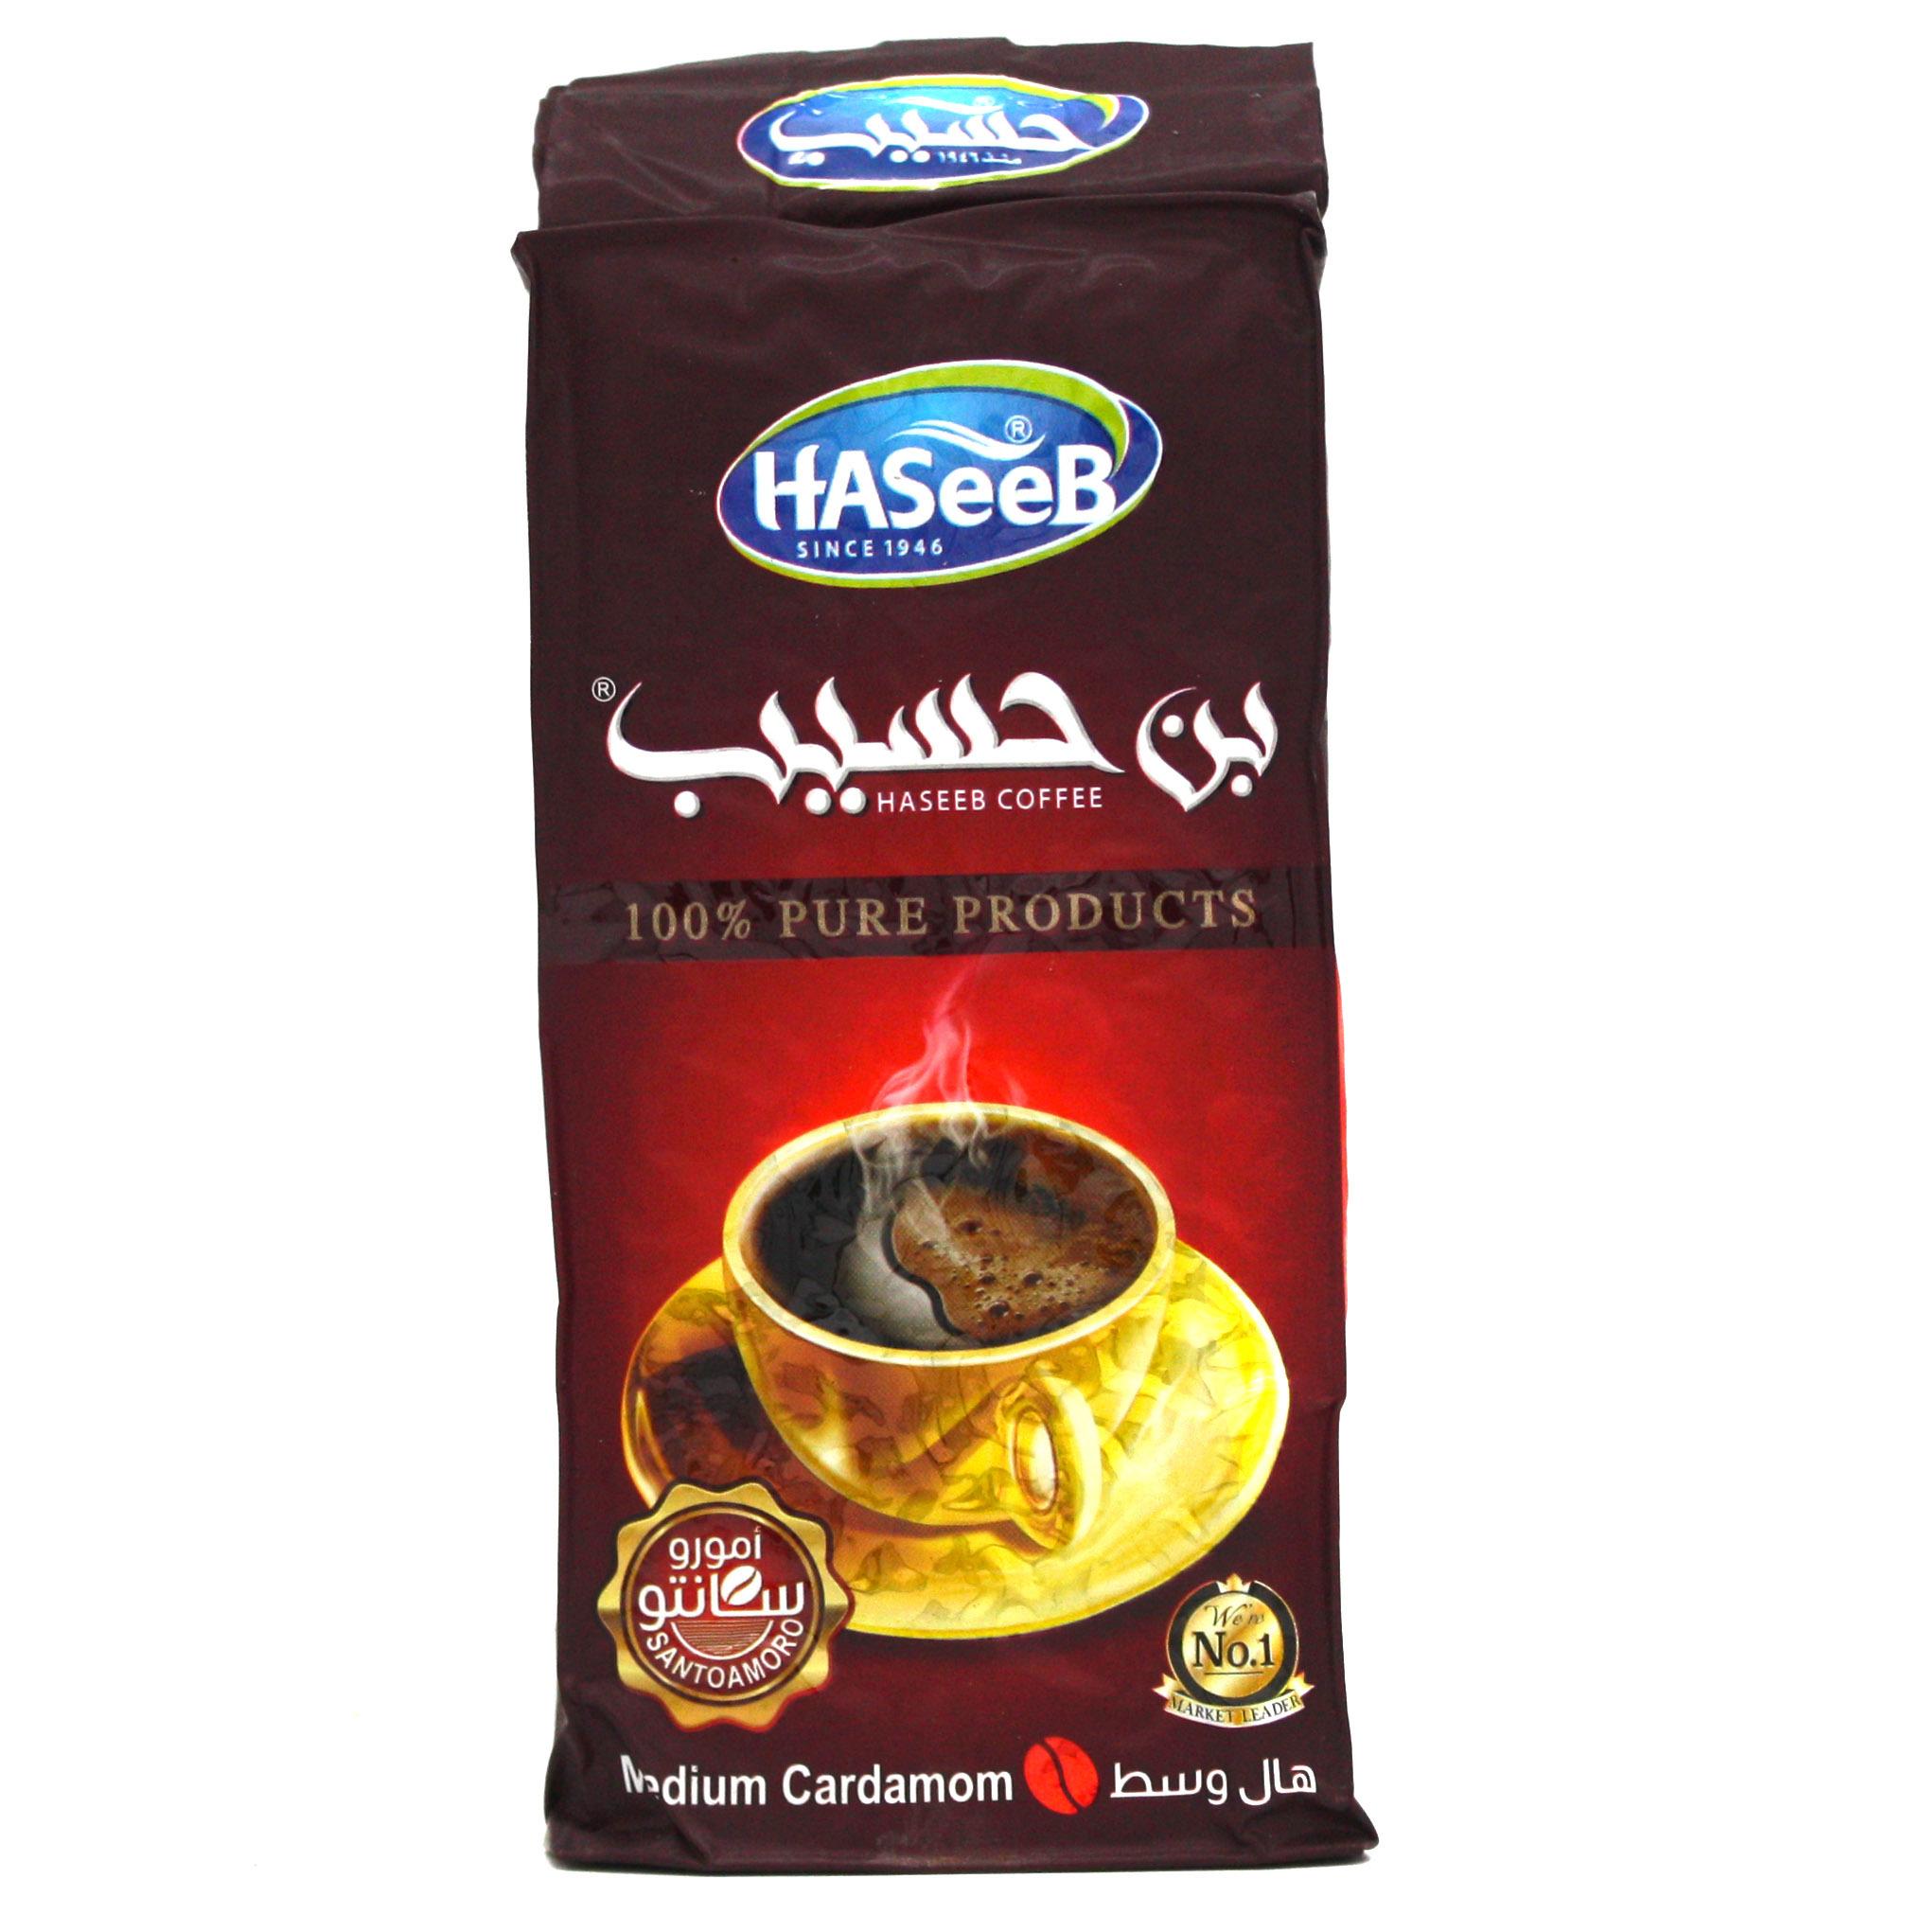 Кофе молотый Арабский кофе Medium Cardamom, Haseeb, 200 г import_files_eb_eb555d201a2711e9a9a6484d7ecee297_1ef3f6991b1a11e9a9a6484d7ecee297.jpg